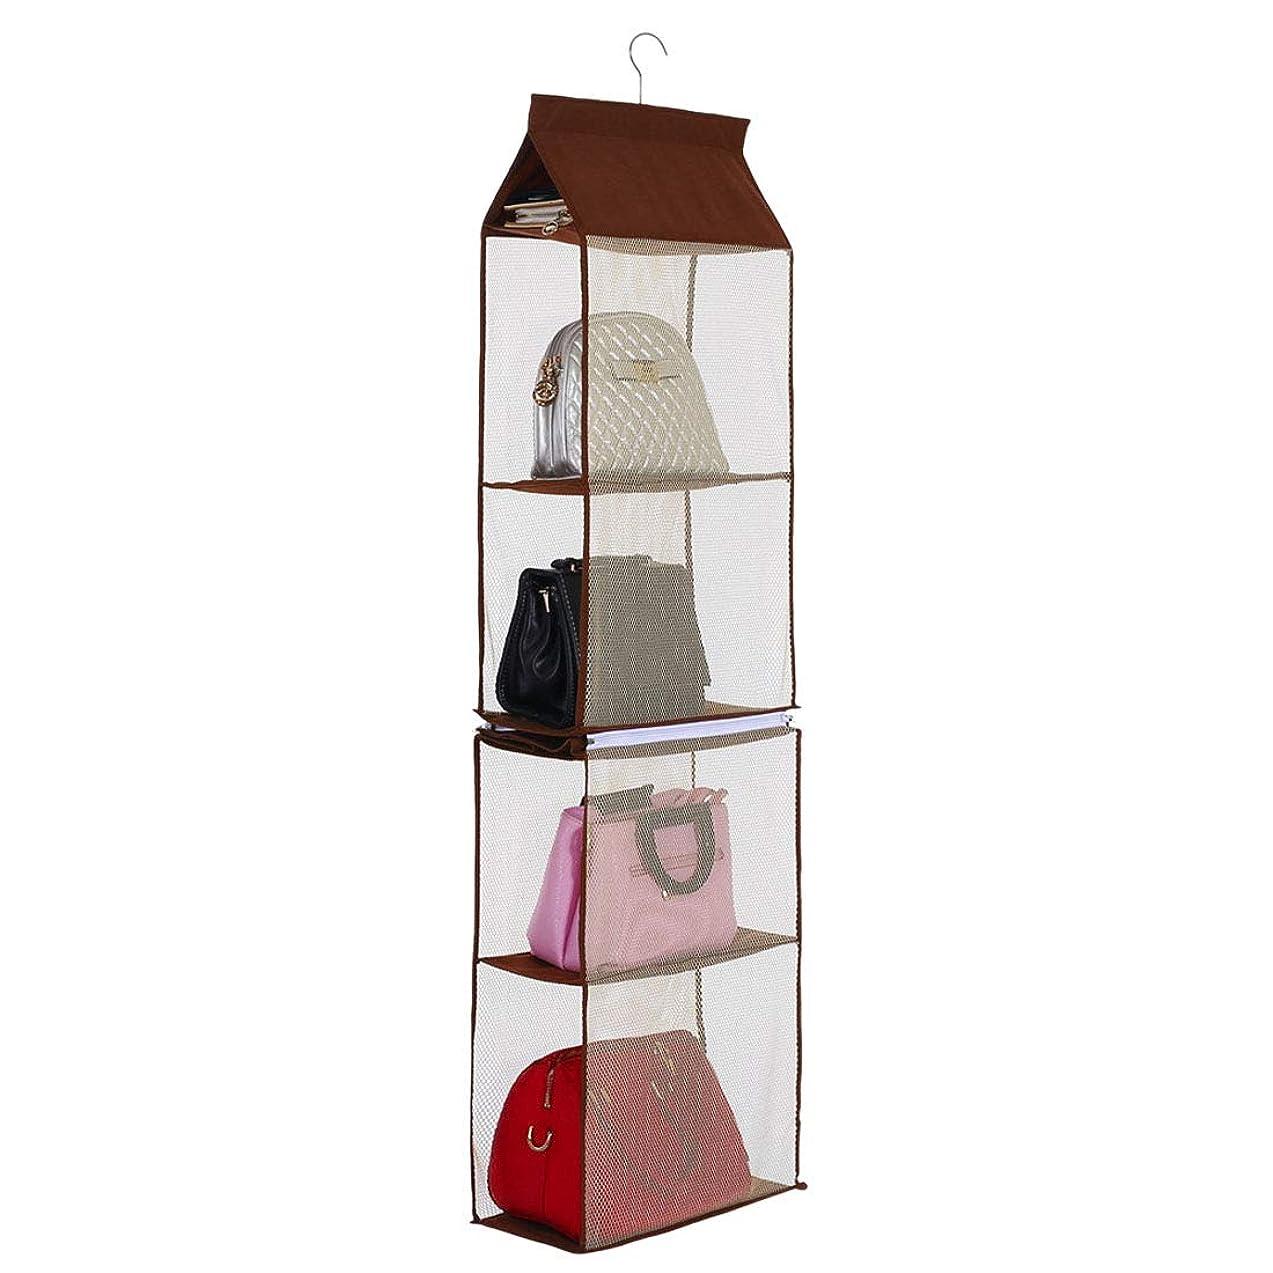 スワップ問い合わせる真向こう(Enerhu)バッグ収納袋 バッグ収納 バッグ収納ラック 4段式 パッと見える かばん 収納 クローゼット 吊り下げ 収納ボックス 取り外し可能 コーヒー色